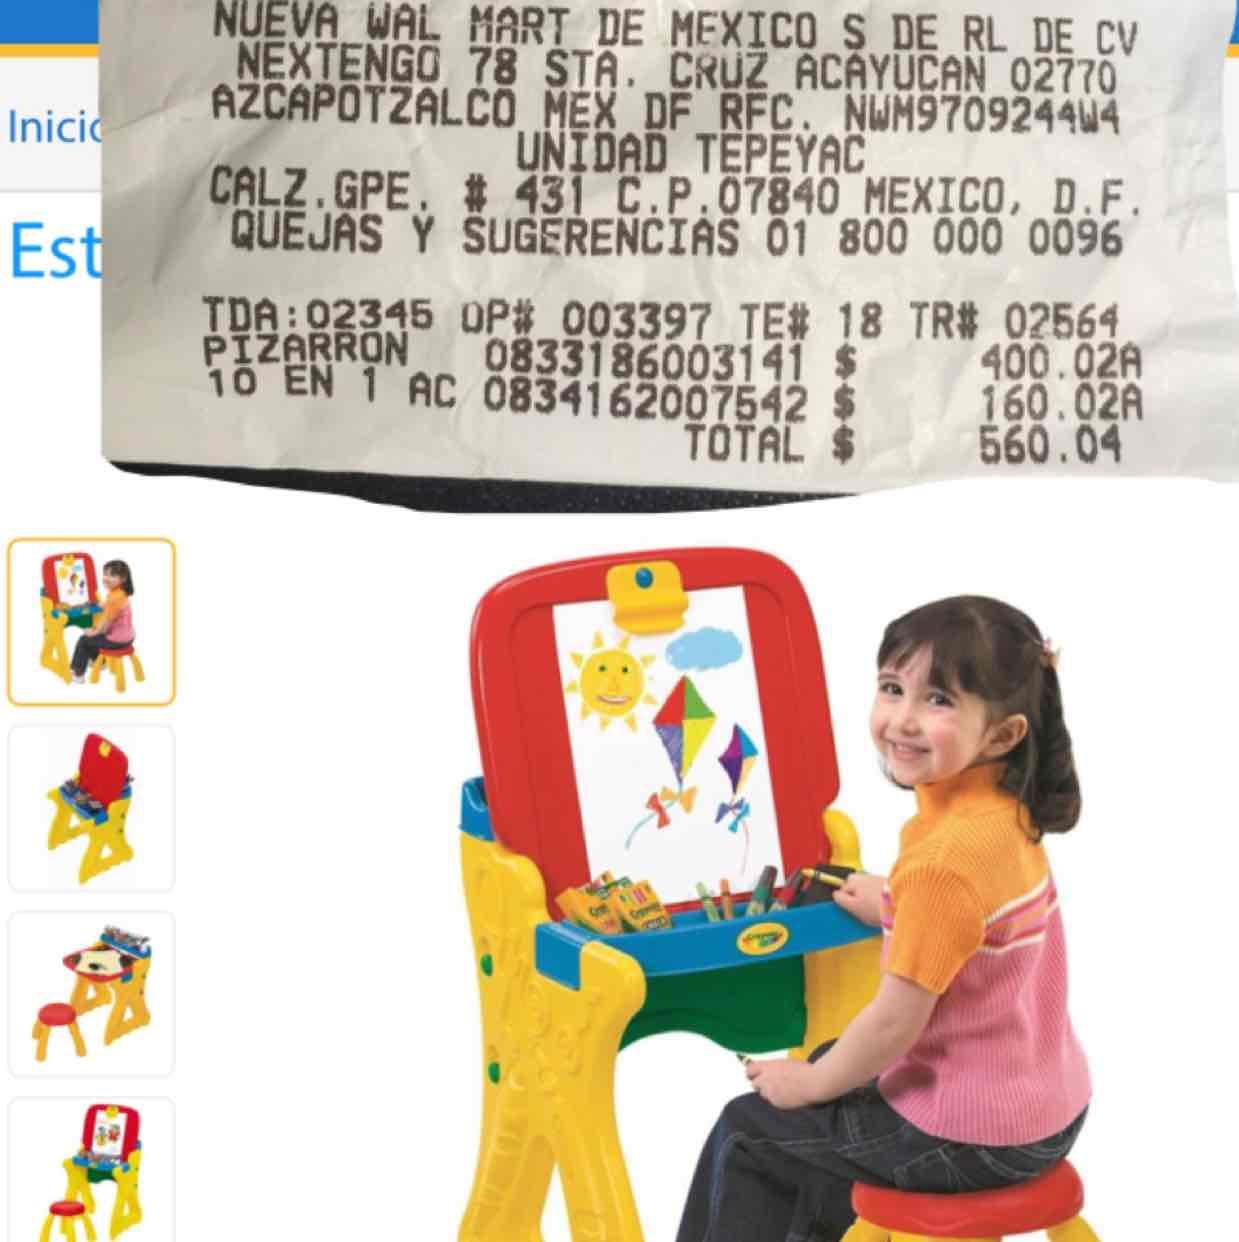 Walmart Tepeyac: Escritorio-caballete preescolar marca Crayola a $400.02